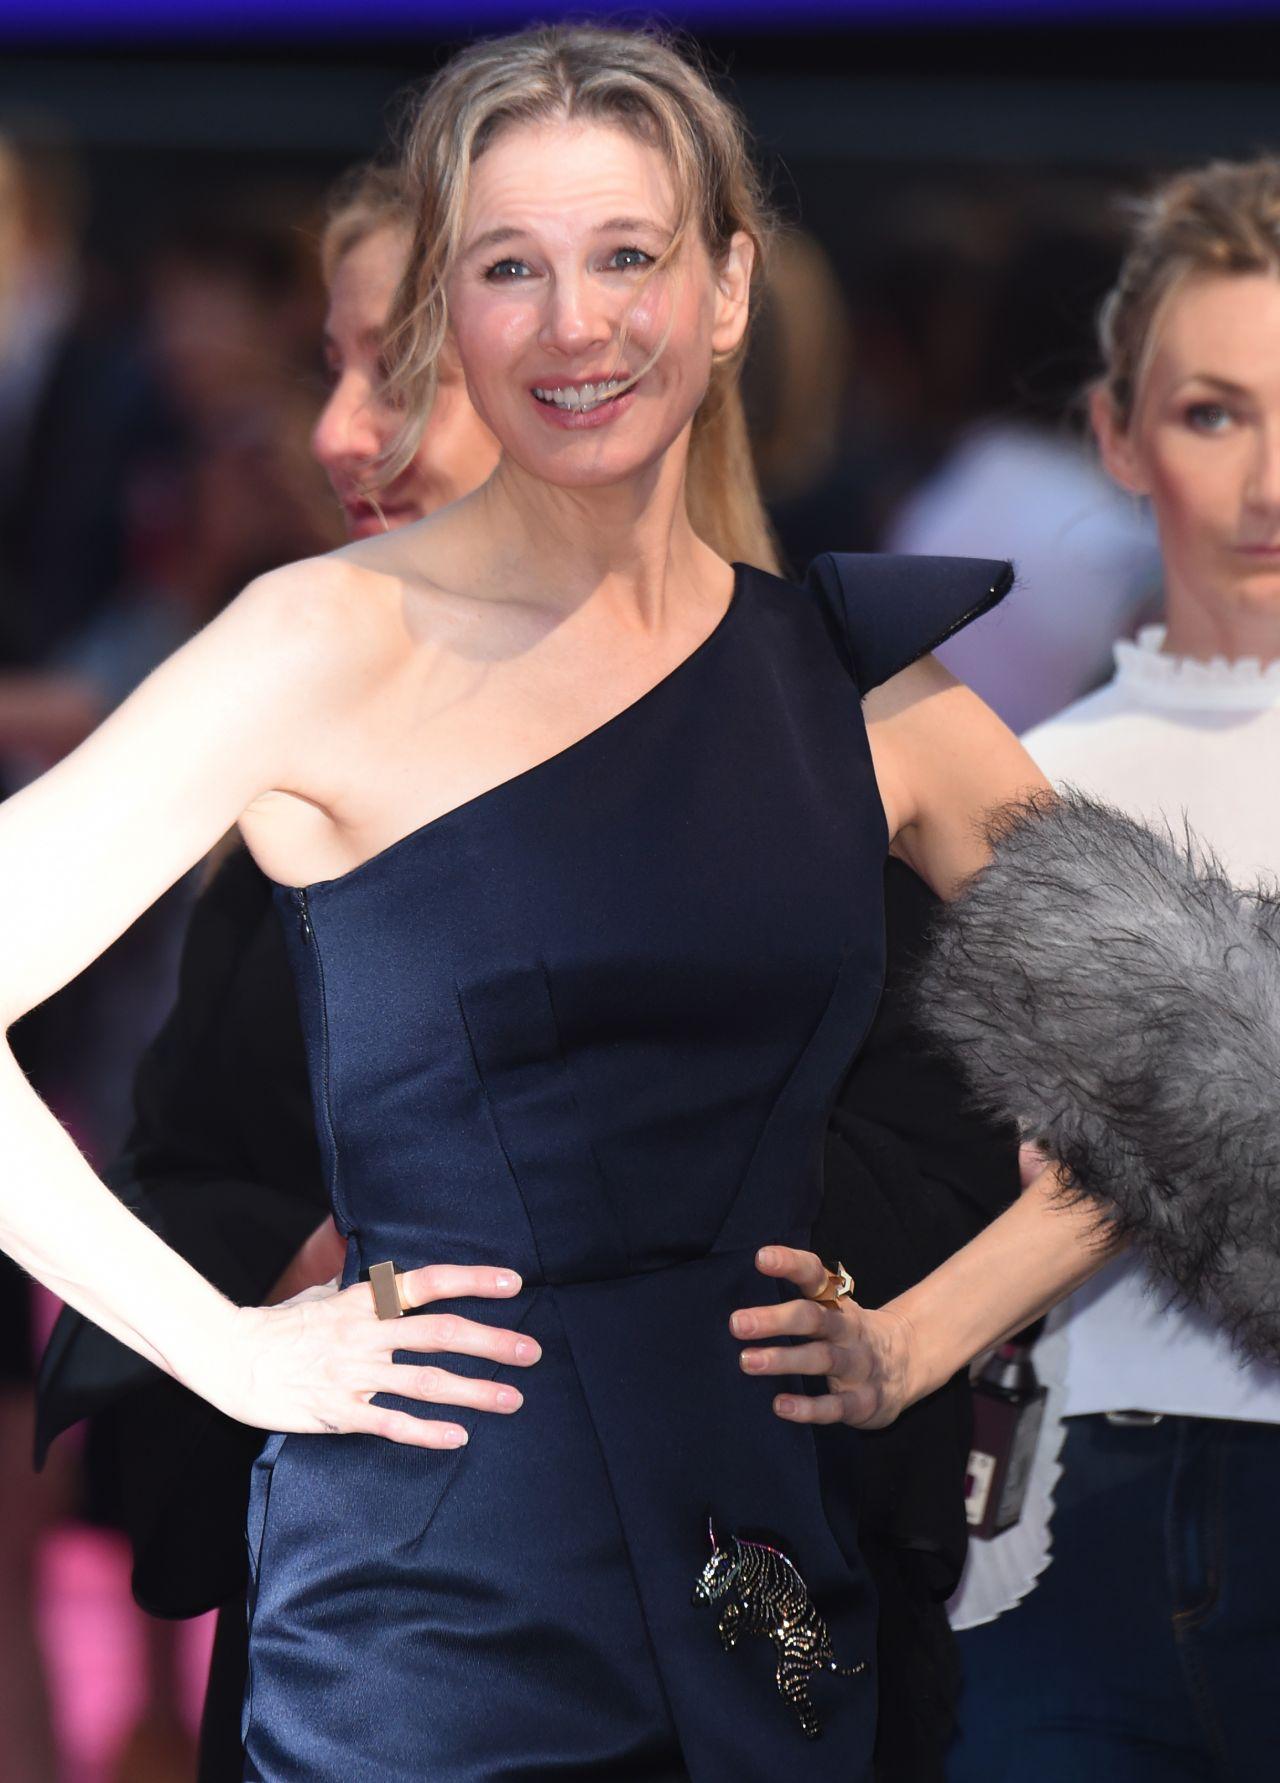 Renee Zellweger Bridget Jones Baby Premiere In London 9 5 2016